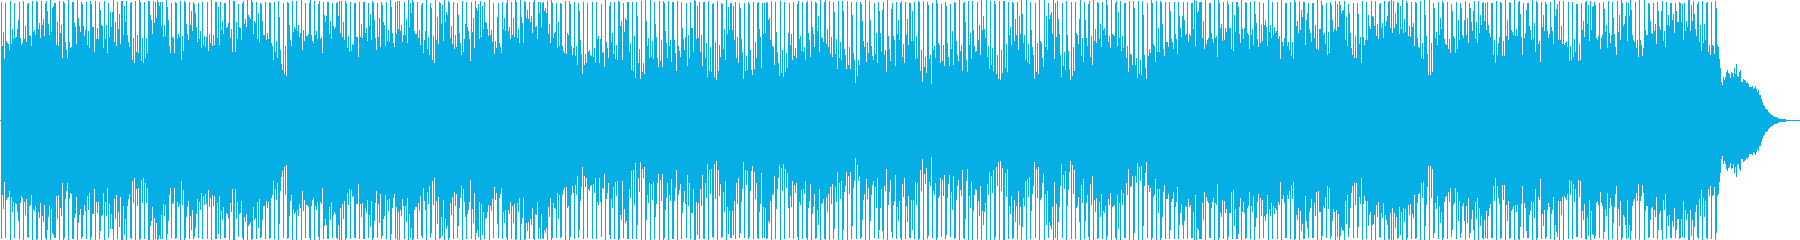 明るく、神秘的なシンセサイザーのポップの再生済みの波形